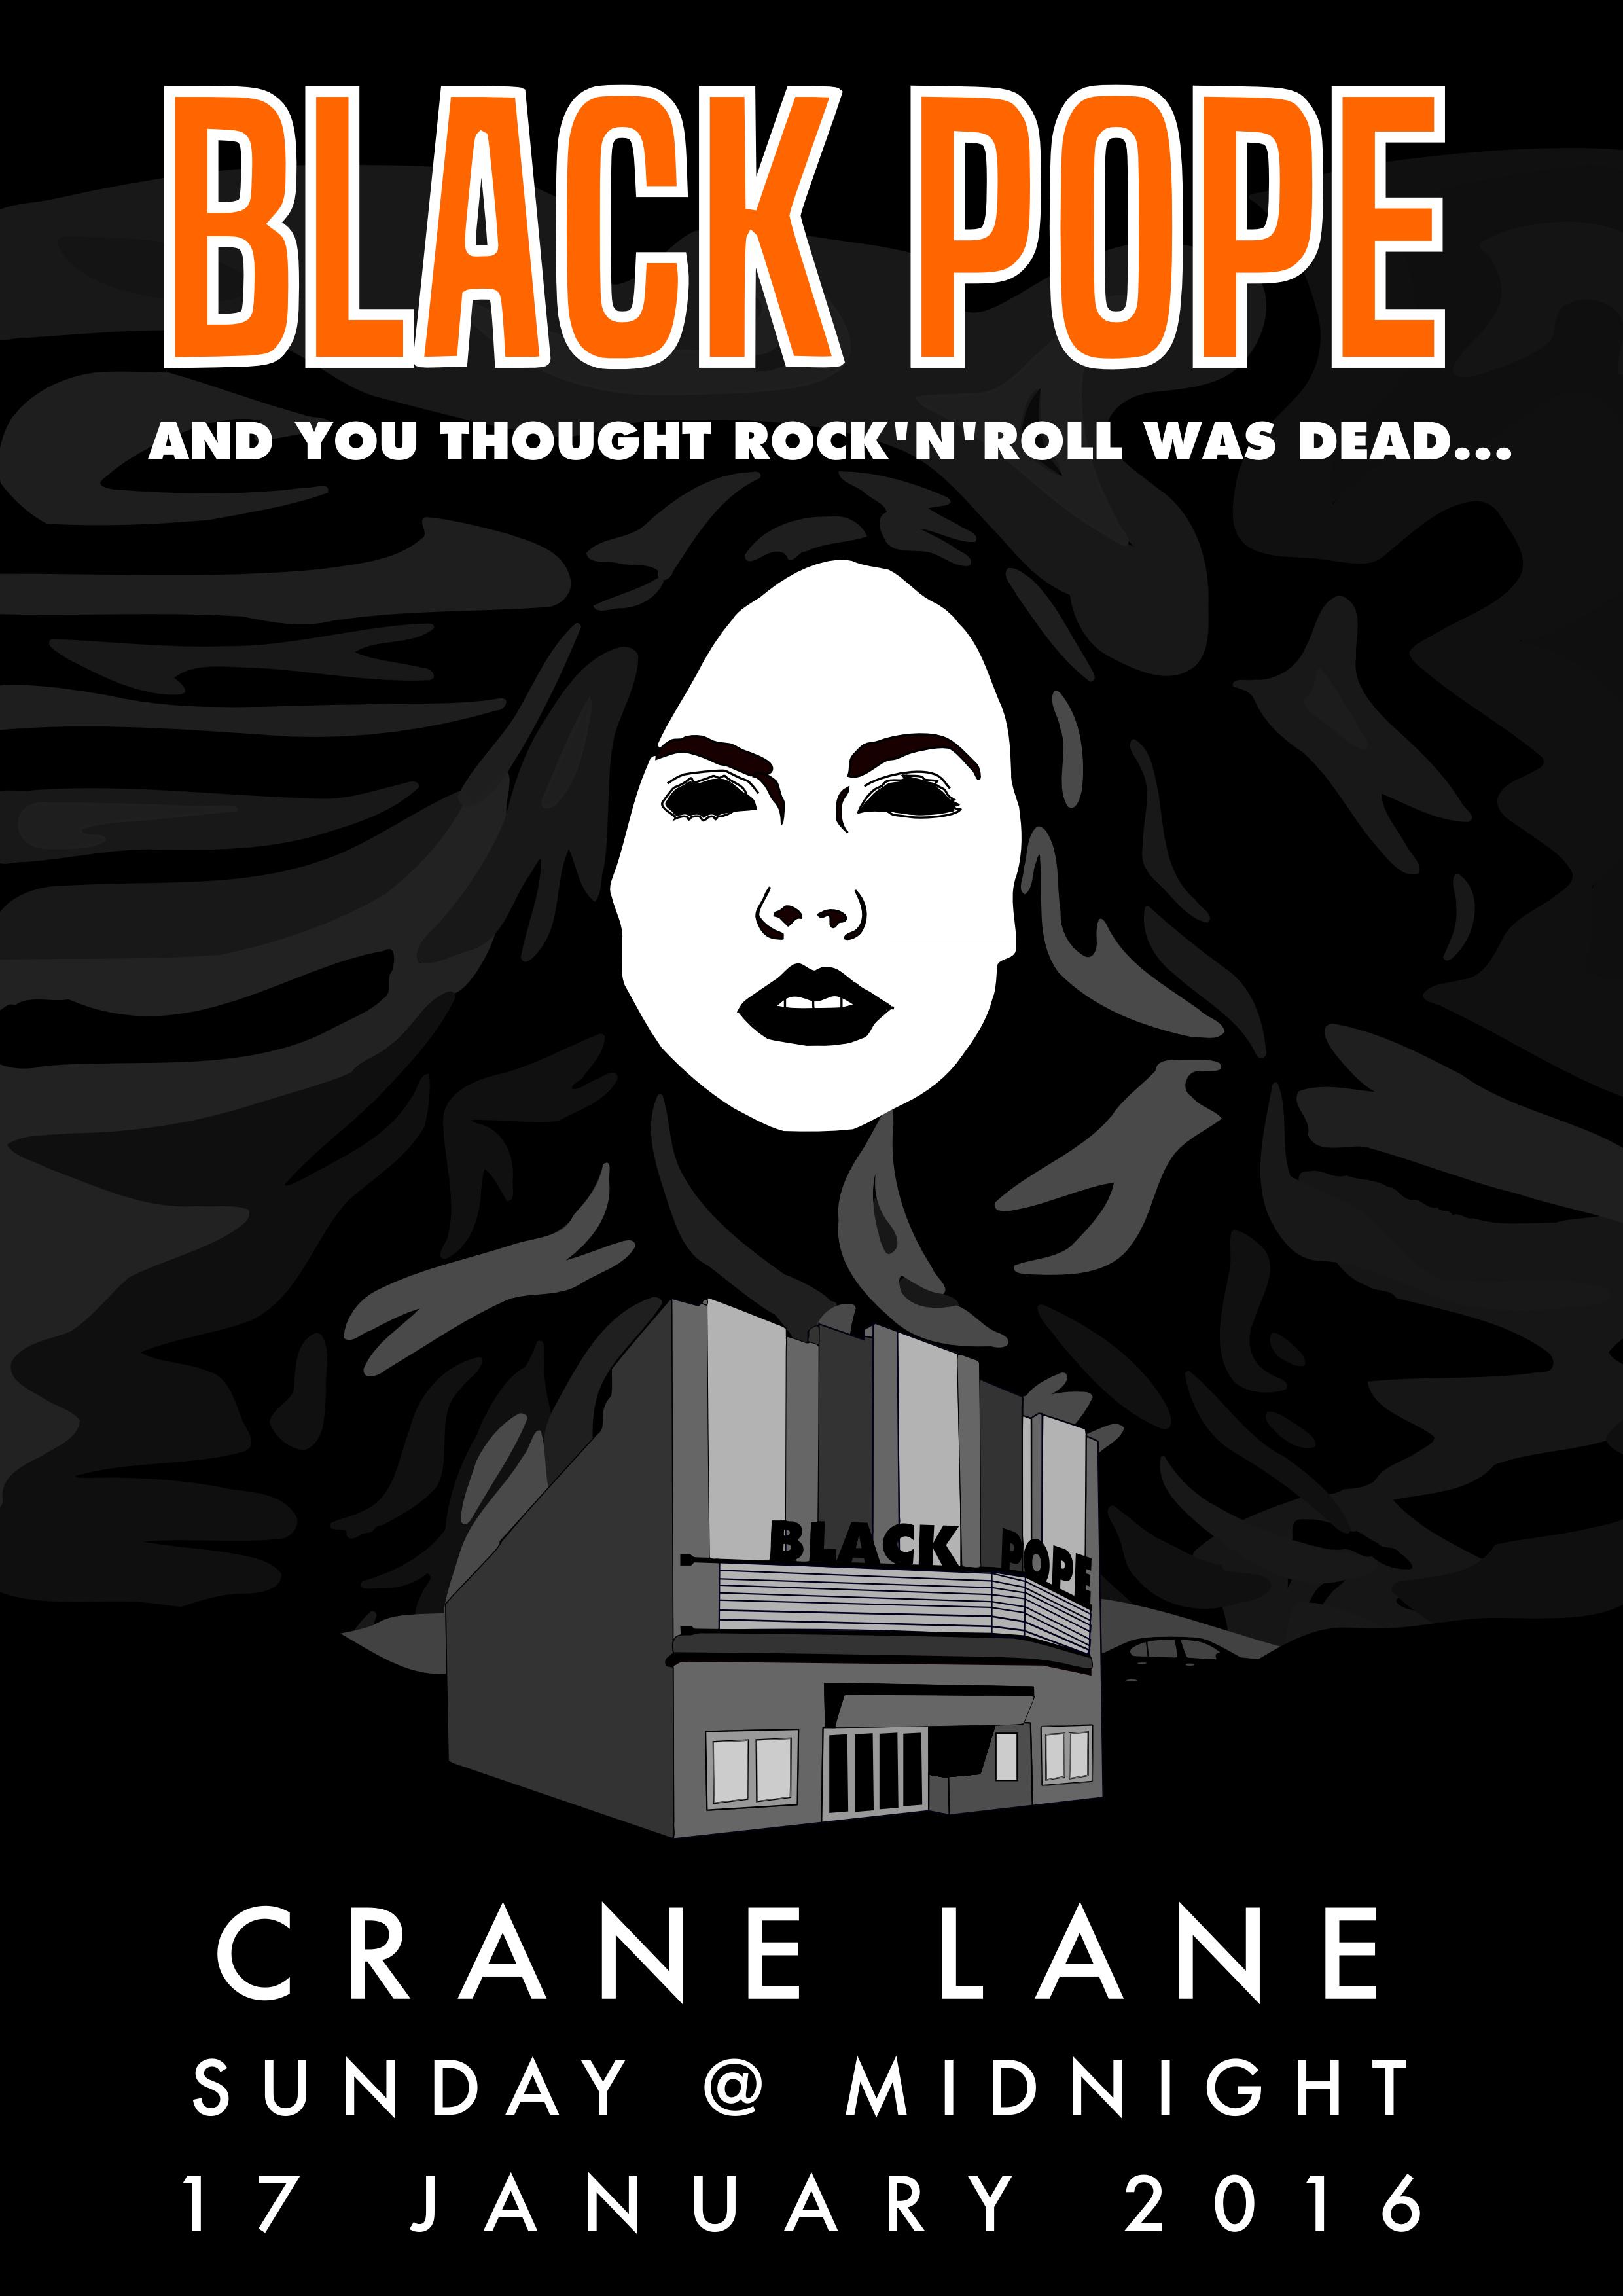 Black Pope Crane Lane 17-01-2016.png